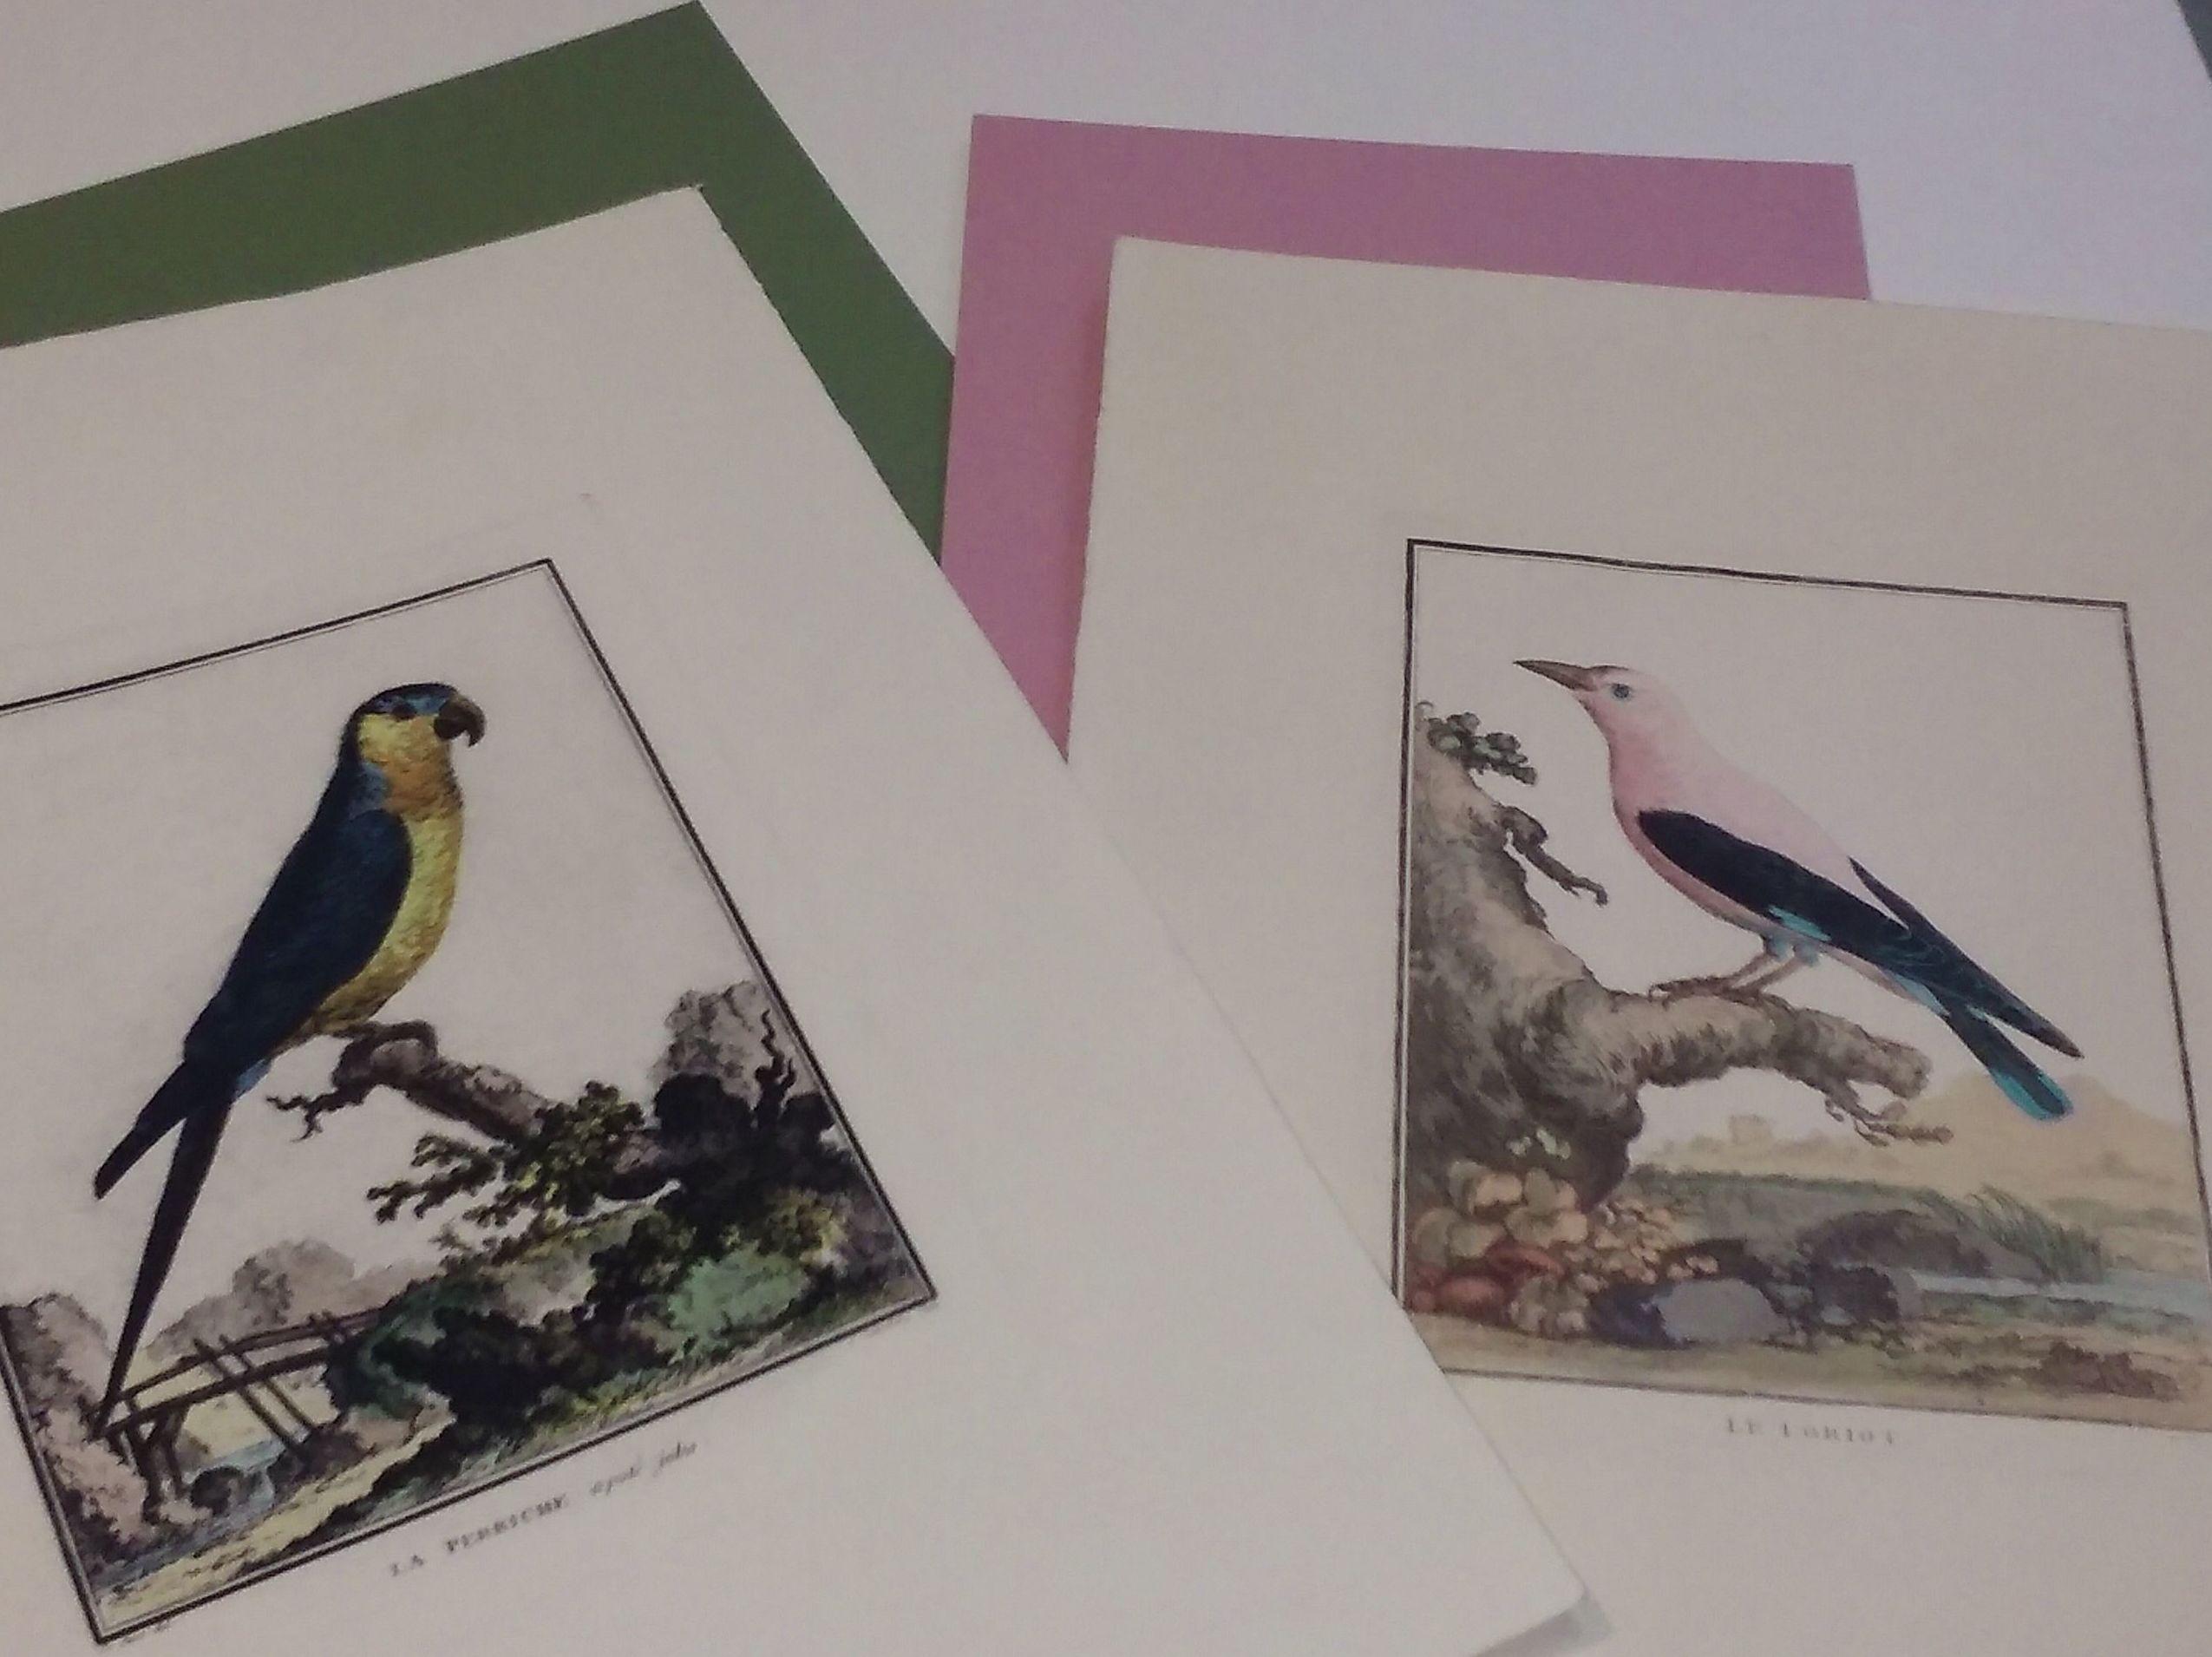 Grabados calcográficos iluminados con acuarelas, colección de aves